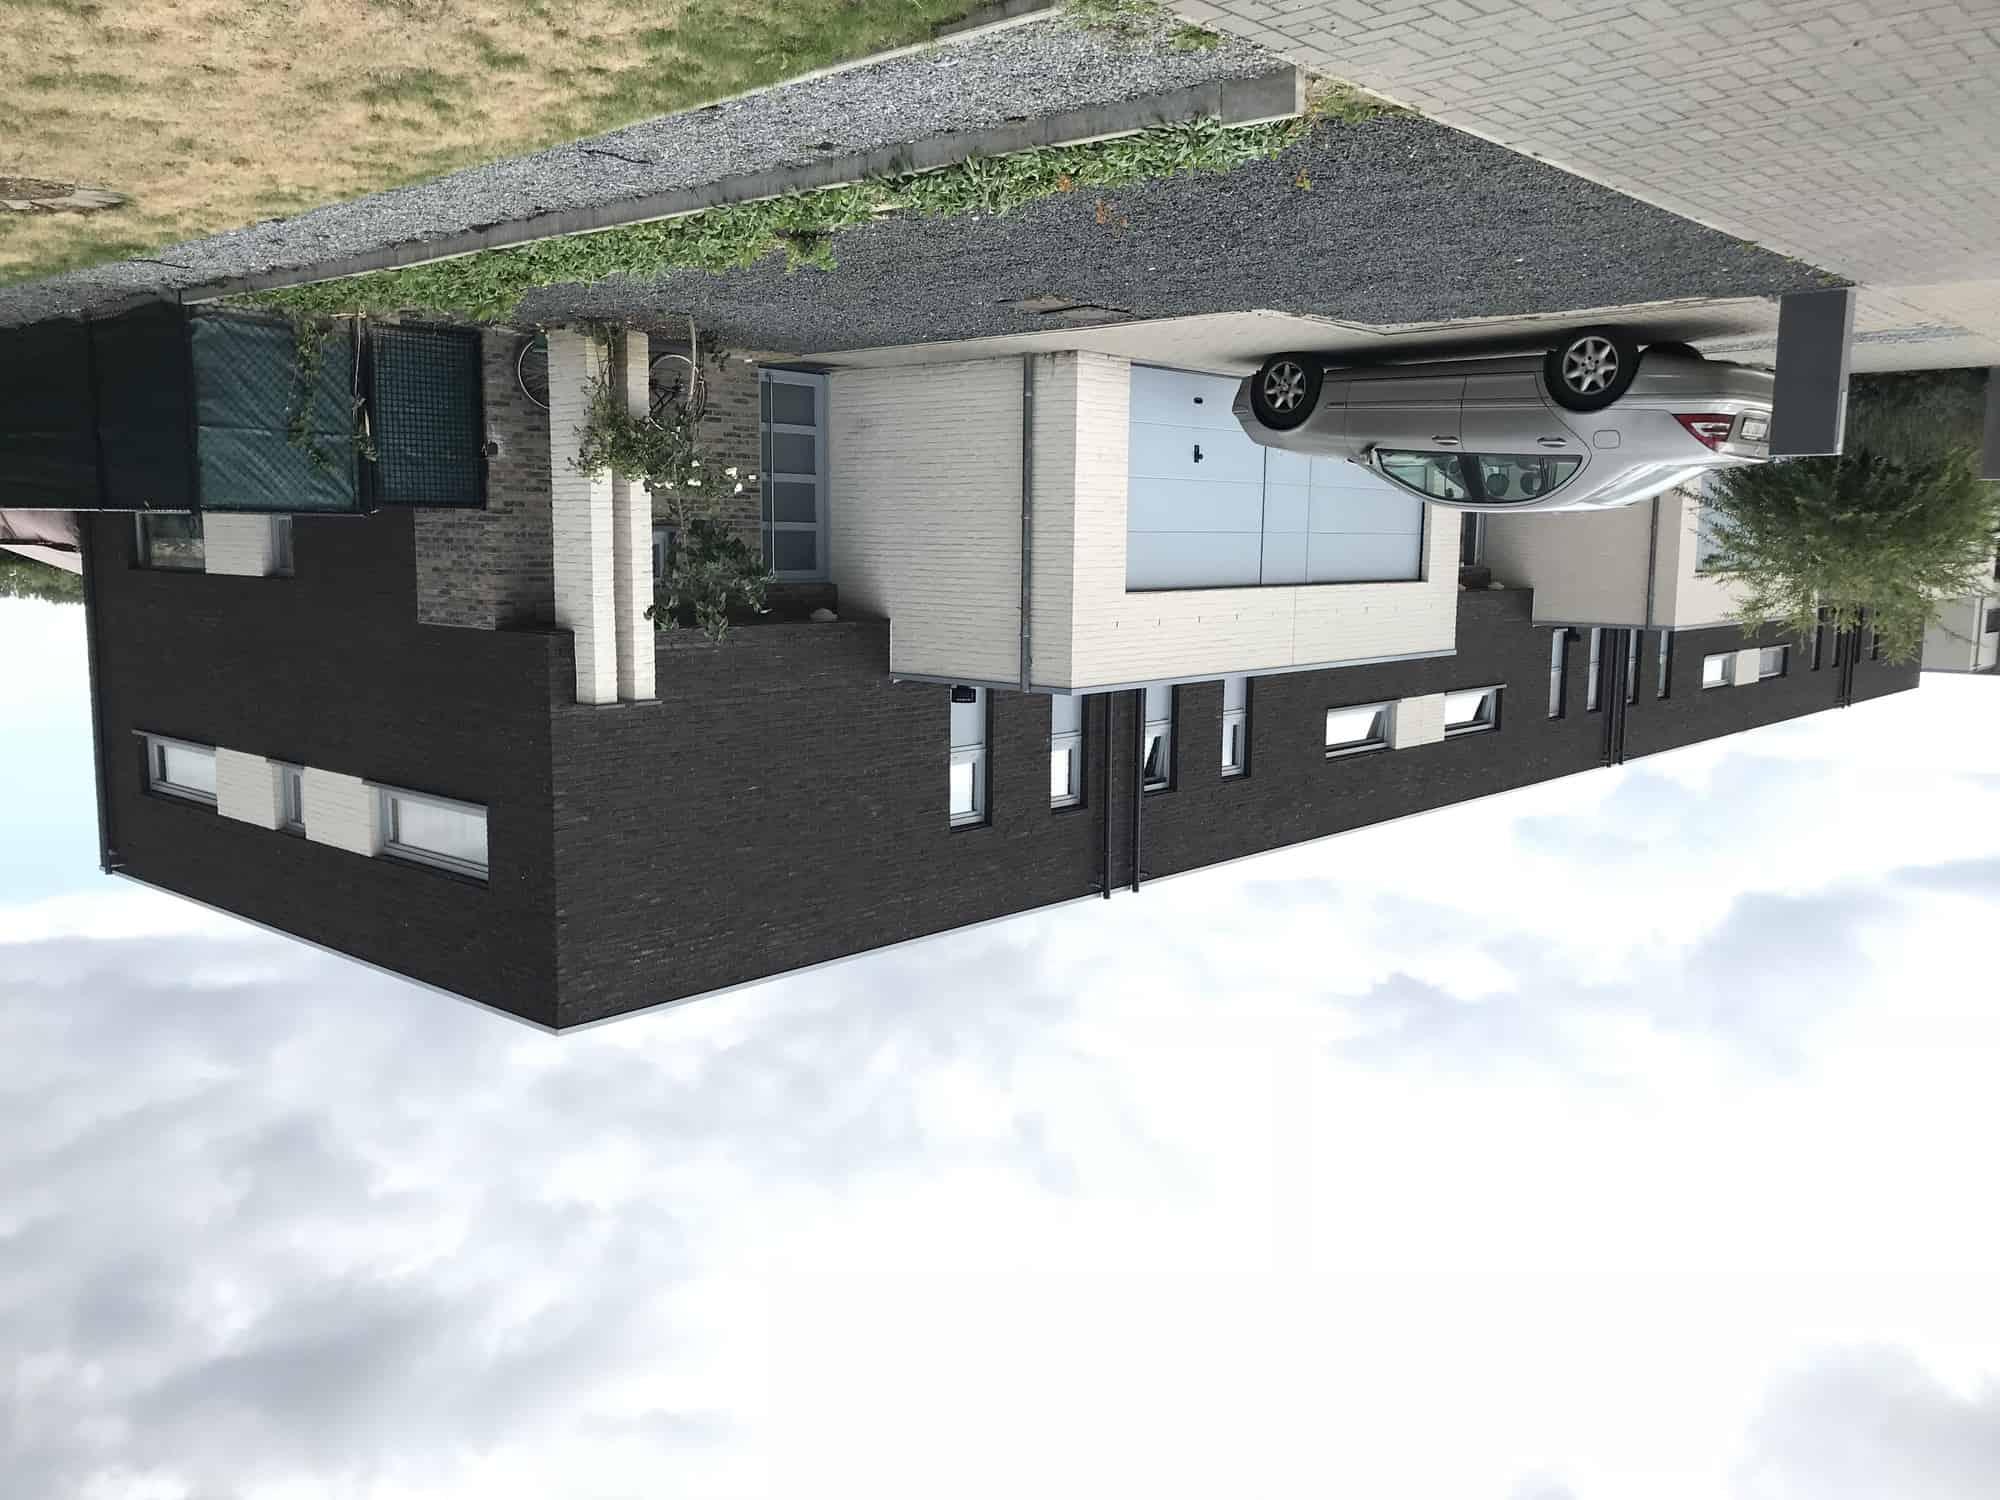 Detail afbeelding 1 van DAELERSVELD  –  18 Monderne Woningen  – Herk de Stad | Ontwerp door architect Patrick Strackx